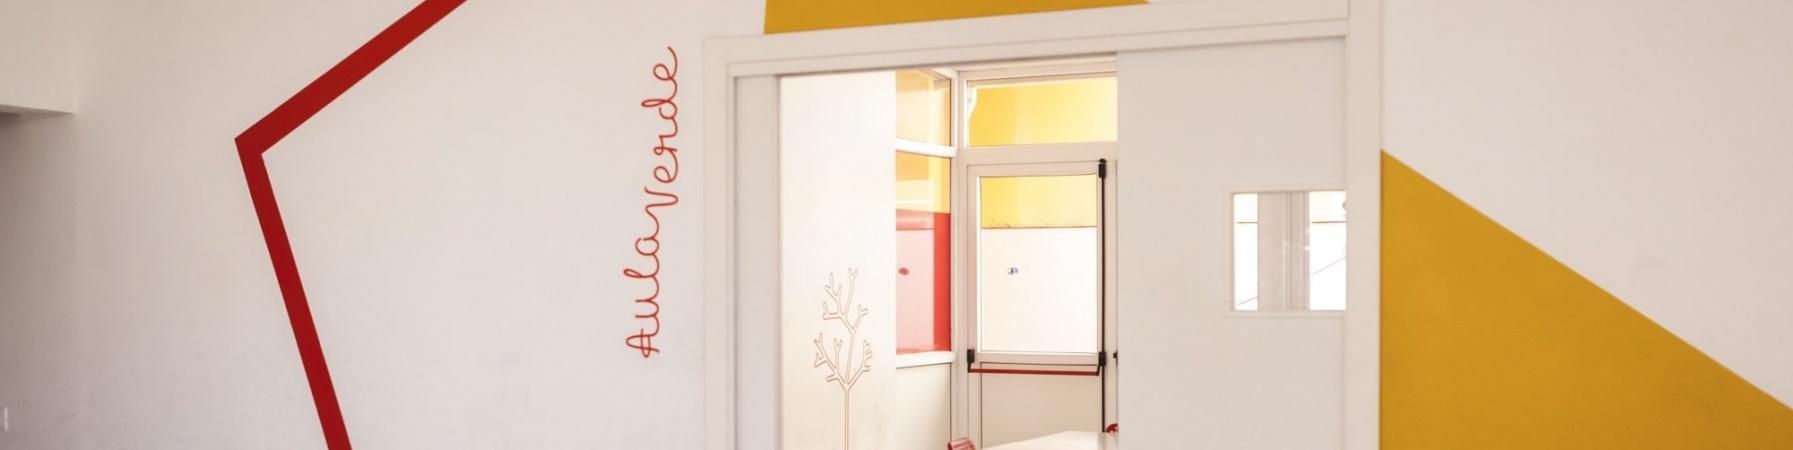 interno di un Punto Luce di Save the Children Italia, muro con disegnata una lampada da tavolo che illumina una porta verso una sala